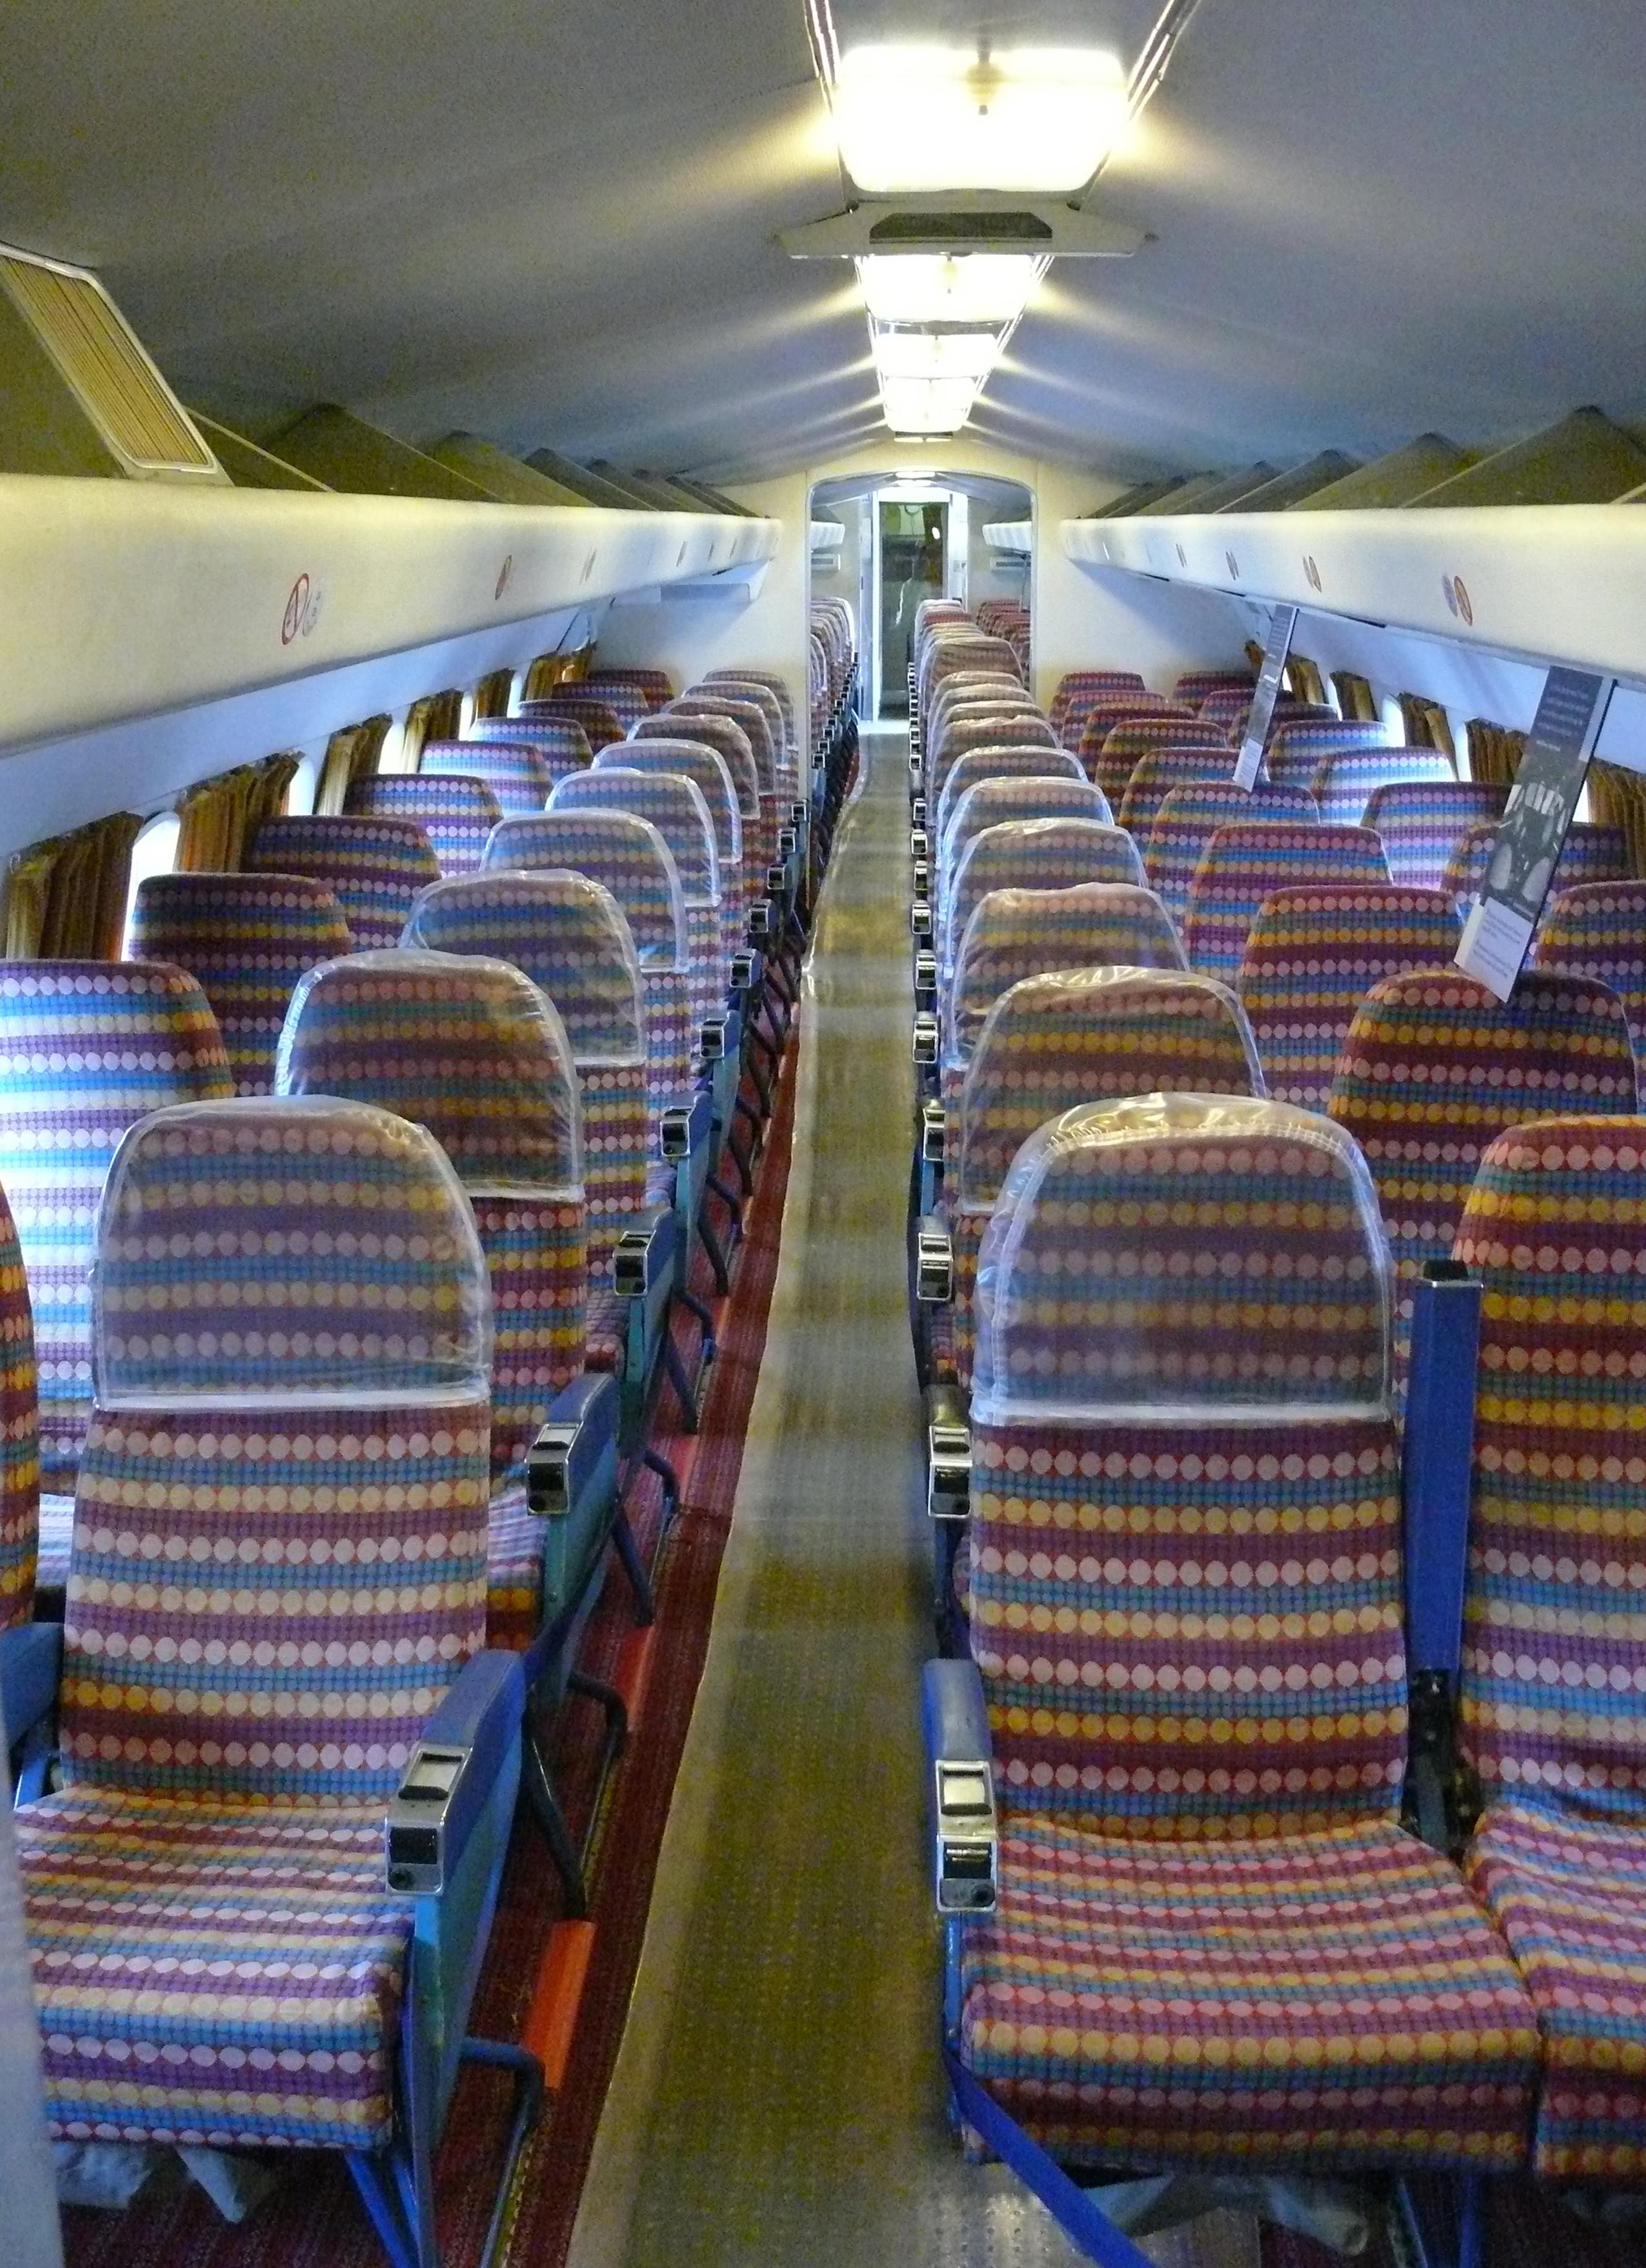 Vuelos baratos a destinos europeos desde avro el proveedor - Suelos baratos interior ...